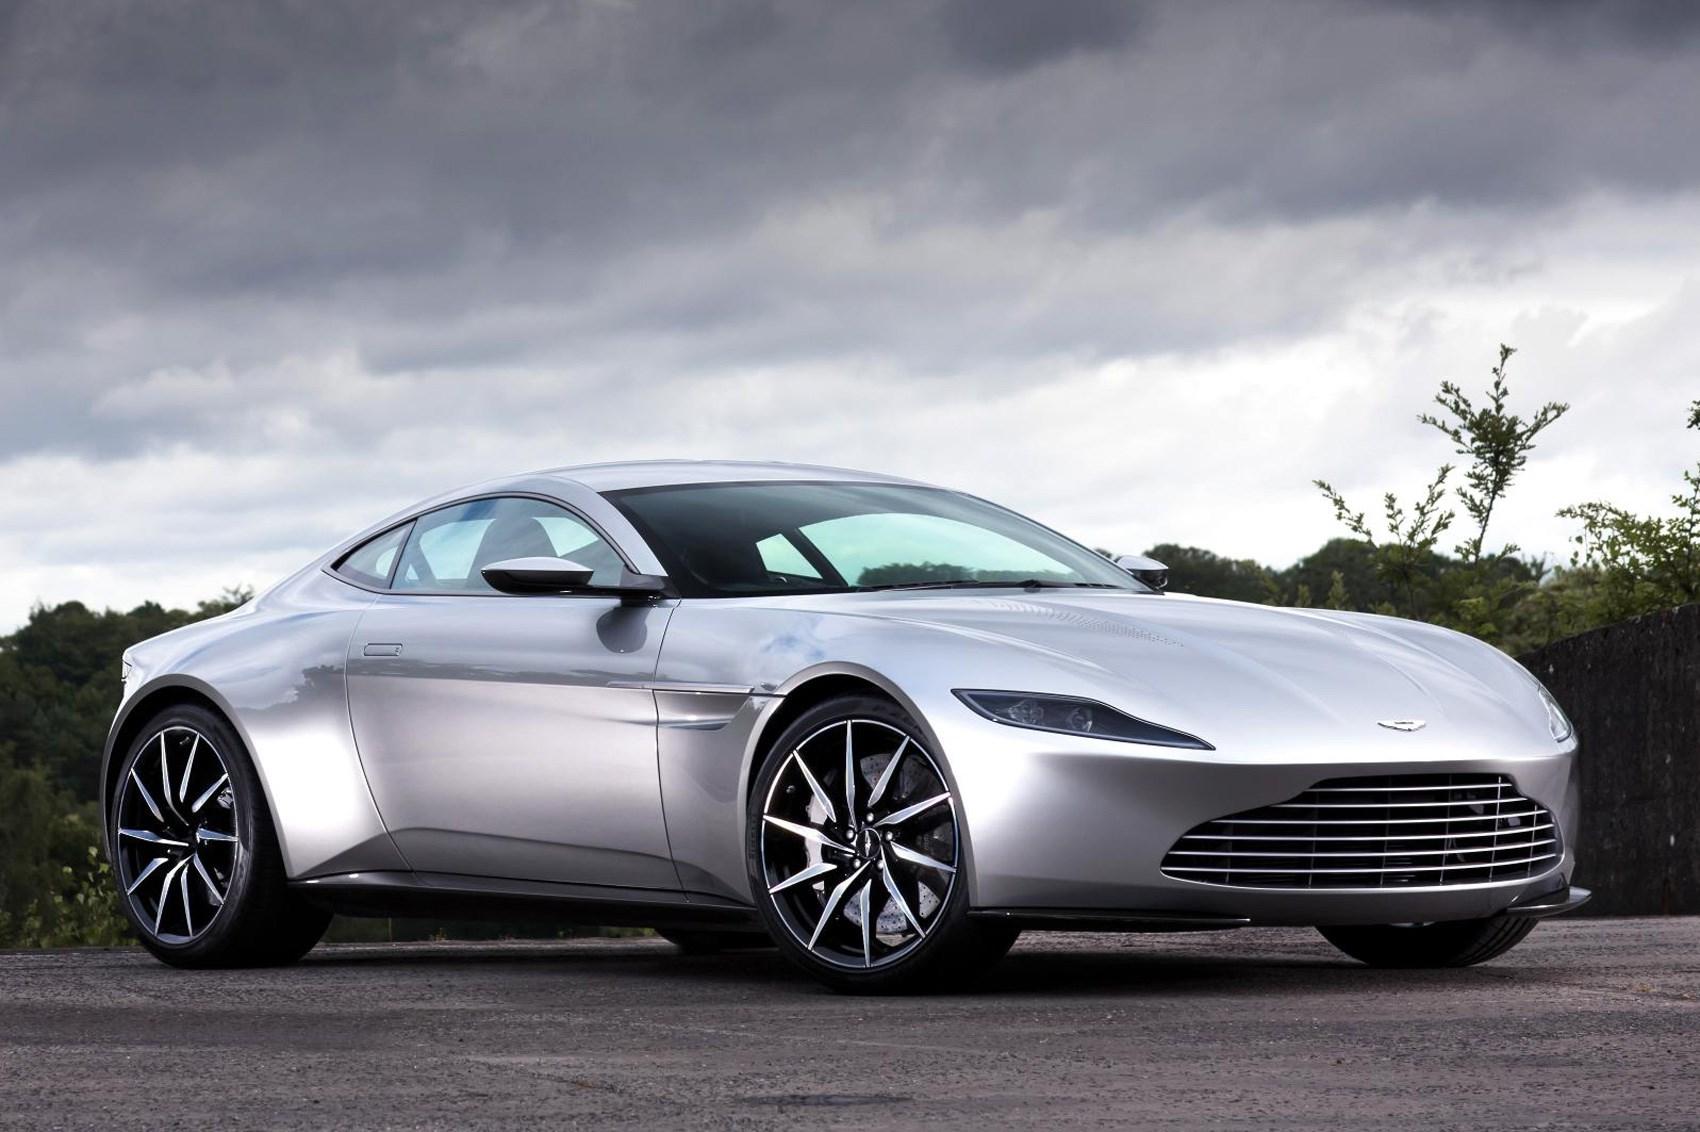 Fisker pripomína neskutočne krásny dizajn Astonu Martin Vantage